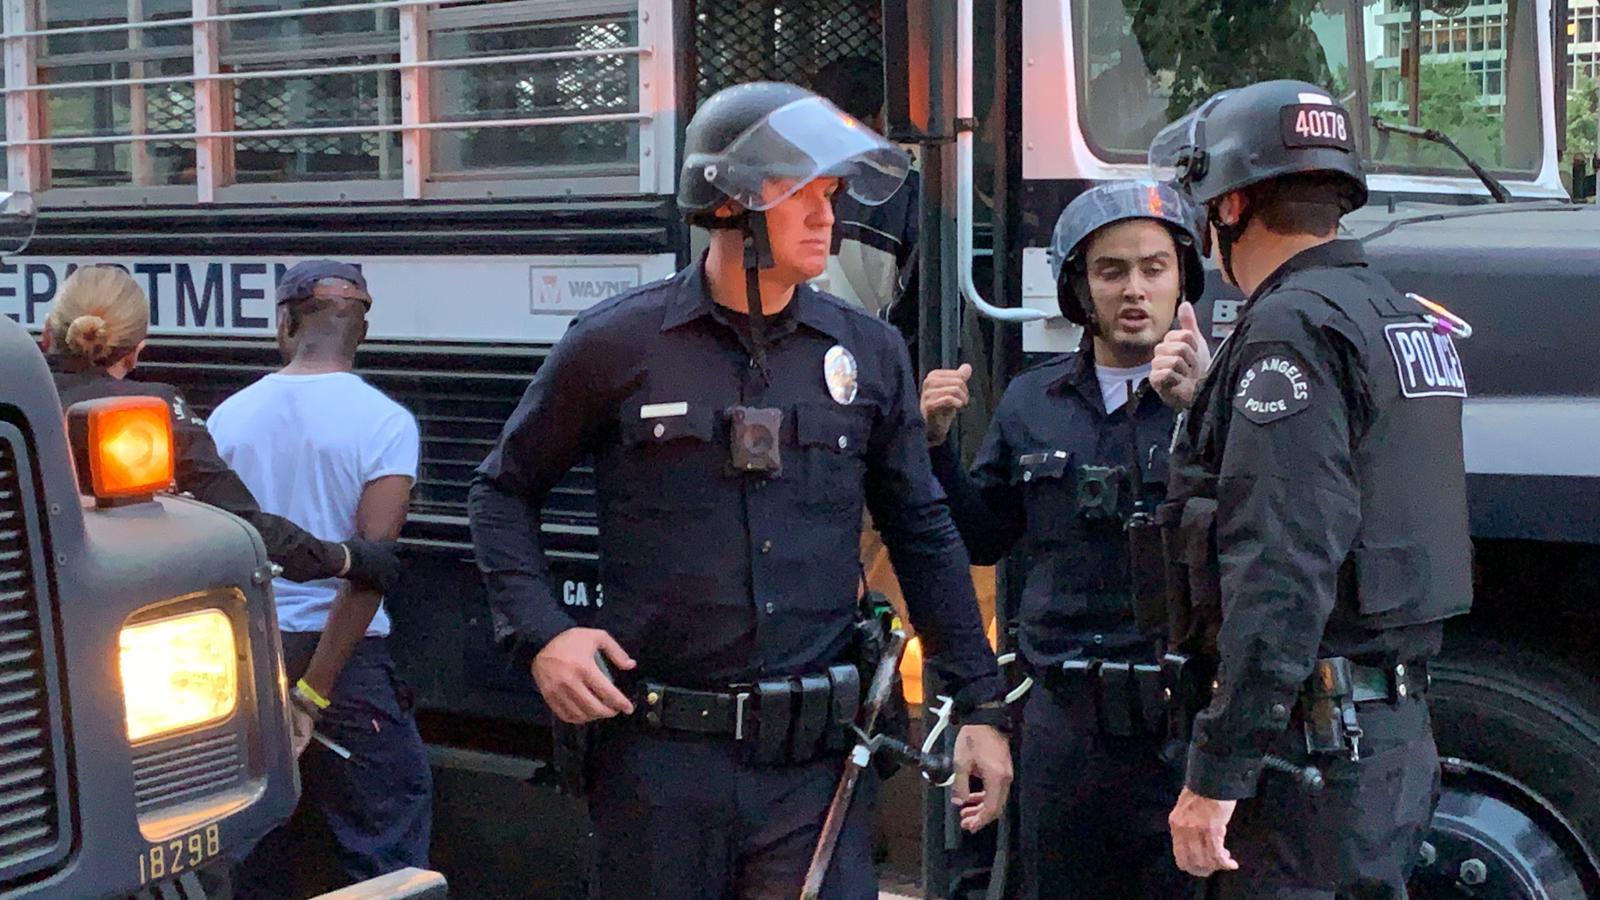 الشرطة الأميركية تعتقل 58 شخصا في لوس أنجلوس كسروا حظر التجول